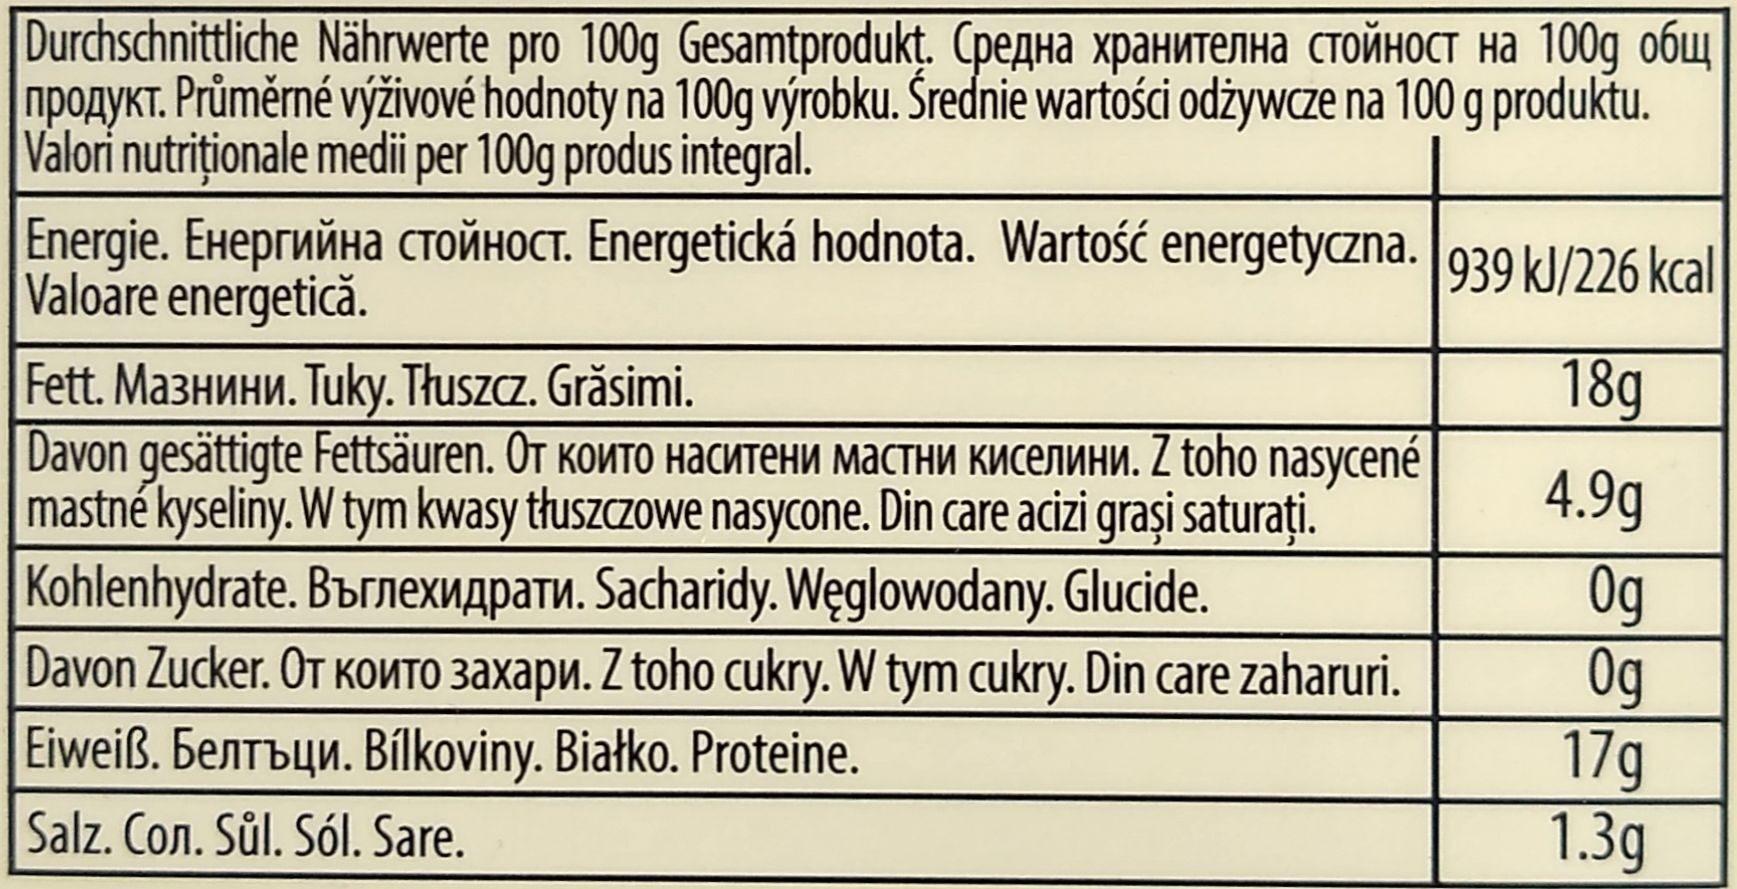 Gegrillte Sardinen in Olivenöl mit Chili - Nutrition facts - de